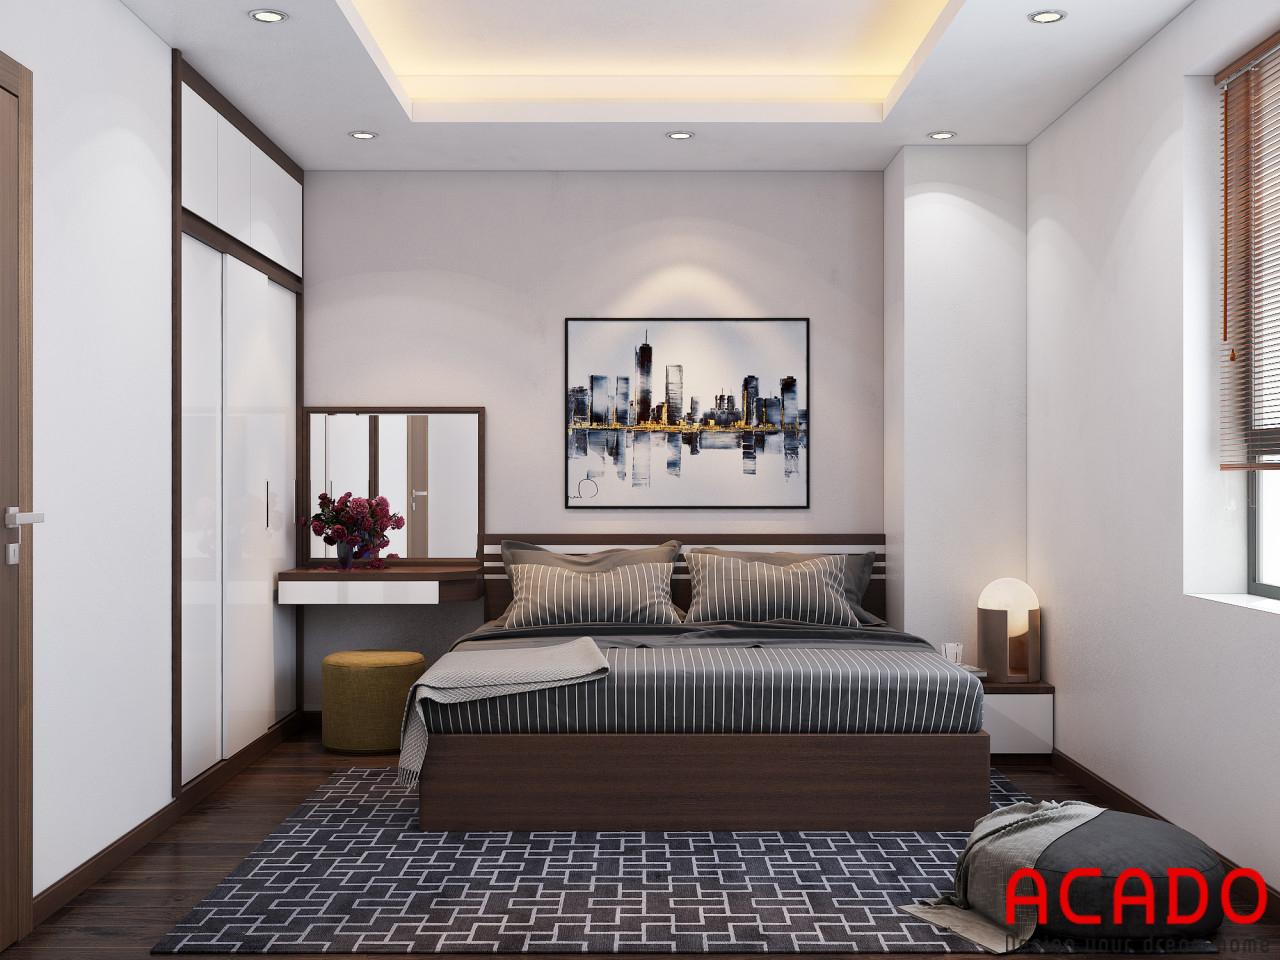 Phòng ngủ chính được thiết kế rộng dãi, đầy đủ tiện nghi cho gia chủ